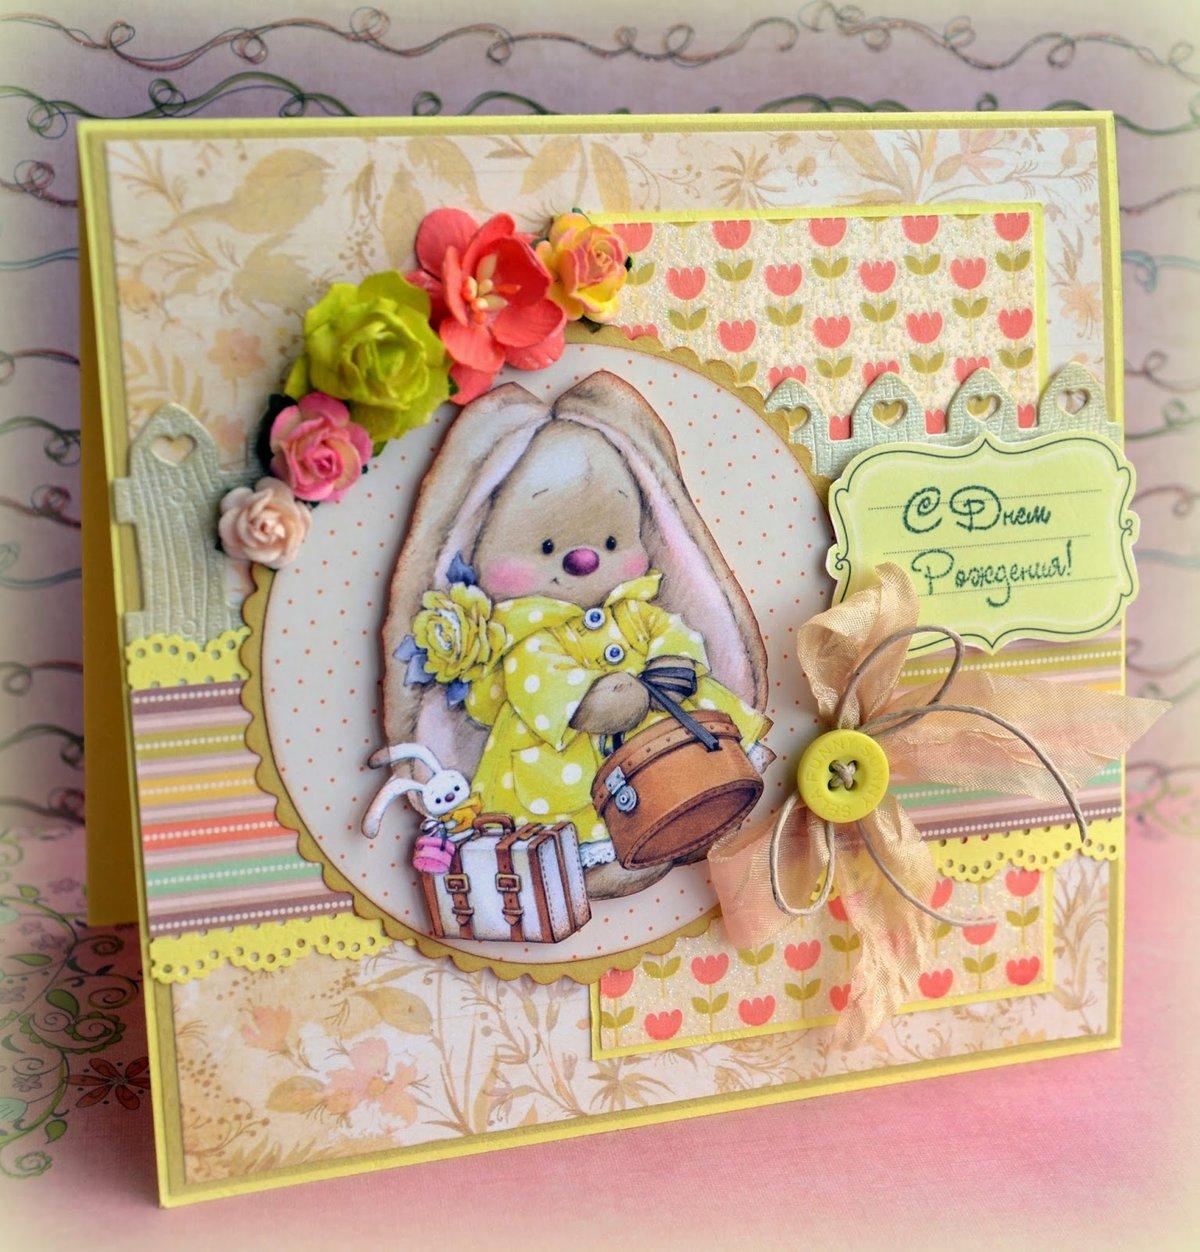 Открытка детская с днем рождения девочке своими руками, для открыток